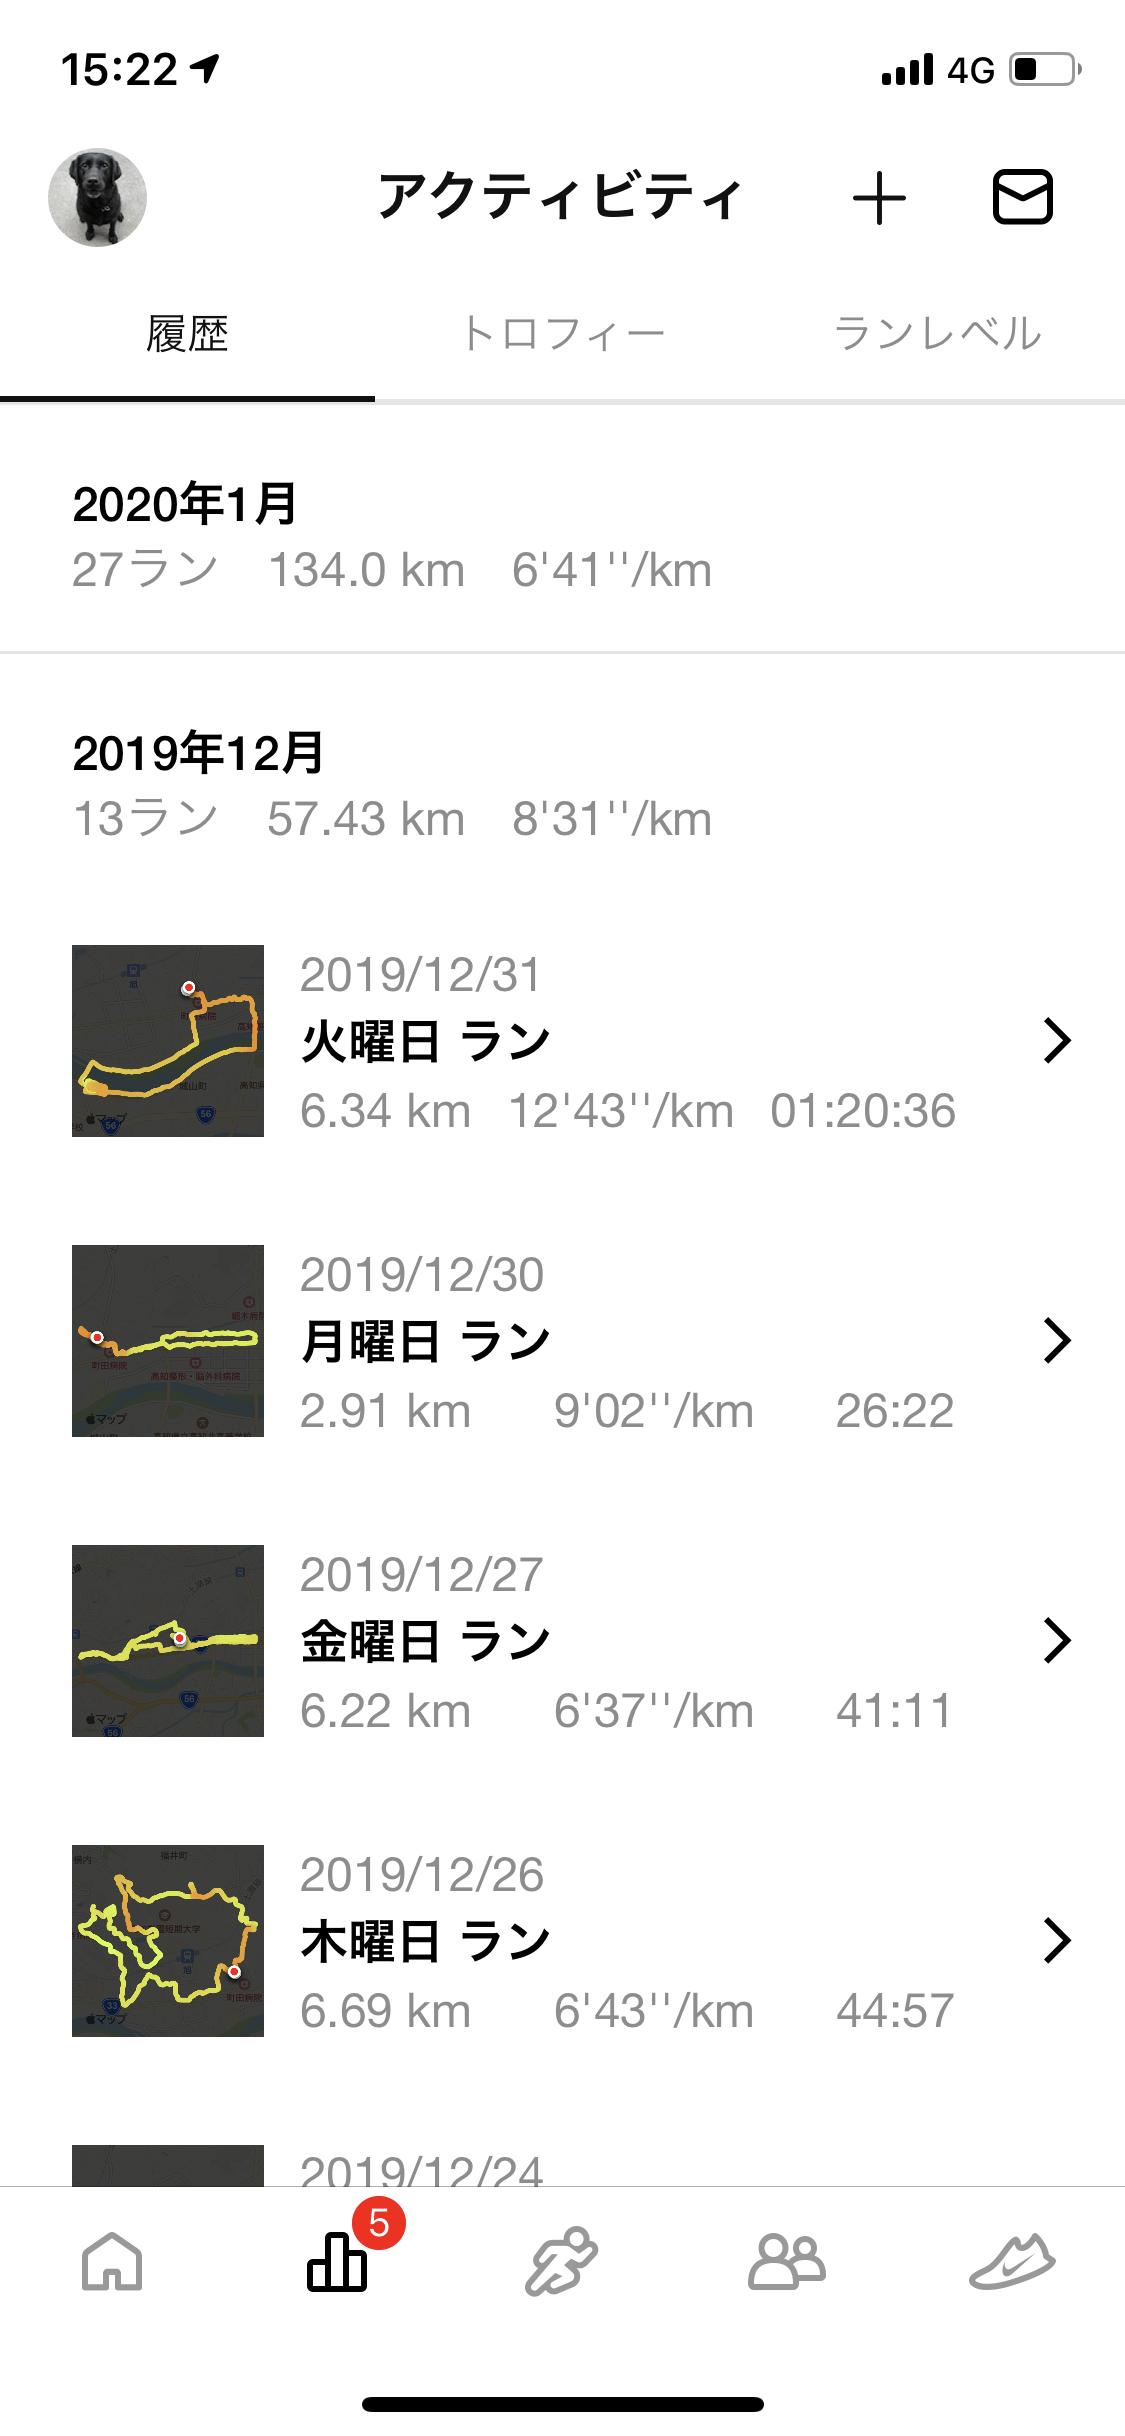 ランアプリの画面